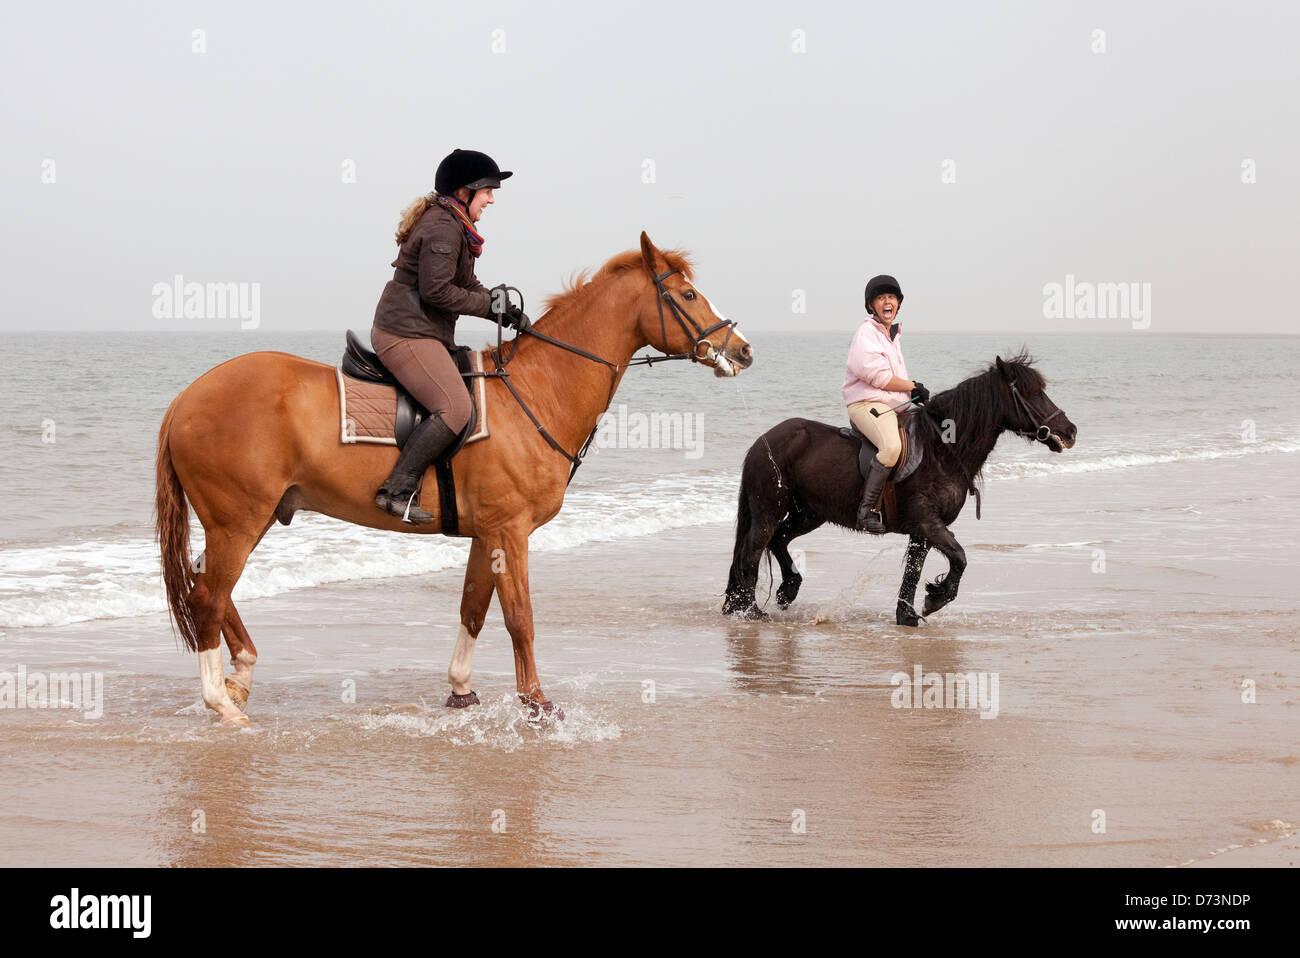 Zwei junge Frauen, die Reitpferde auf Holkham Beach, North Norfolk Küste, East Anglia, England Stockbild